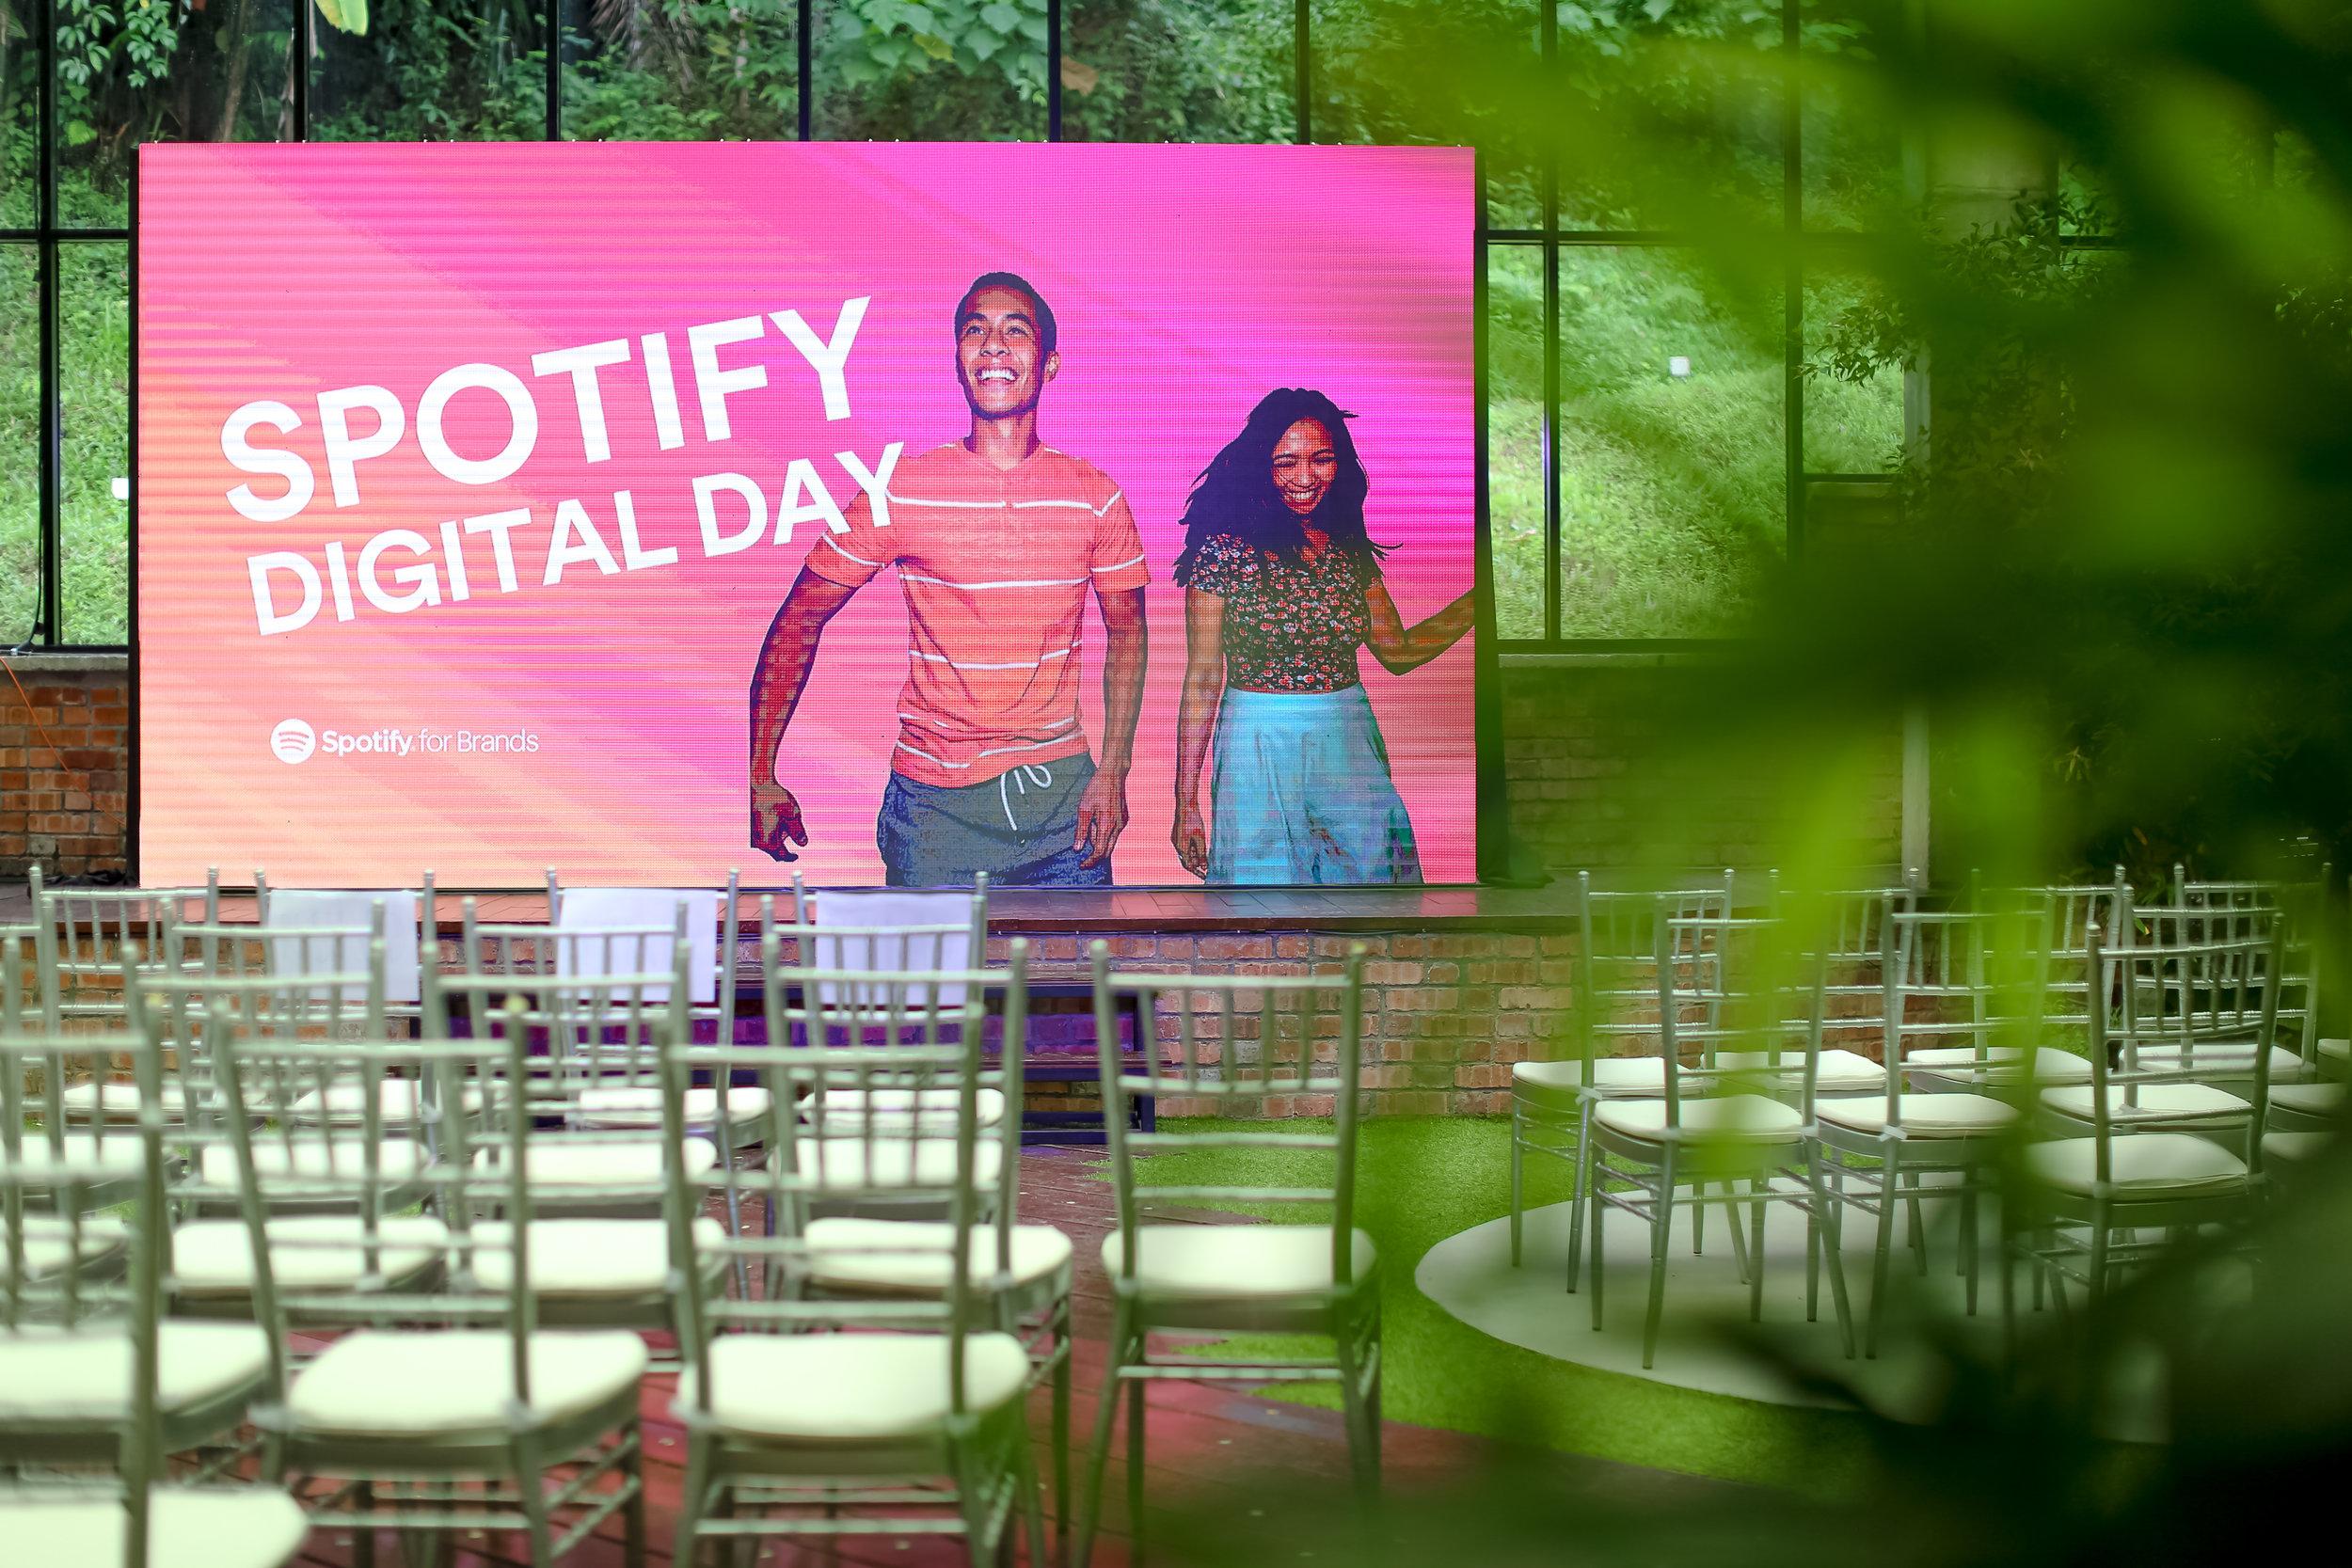 spotify digital day